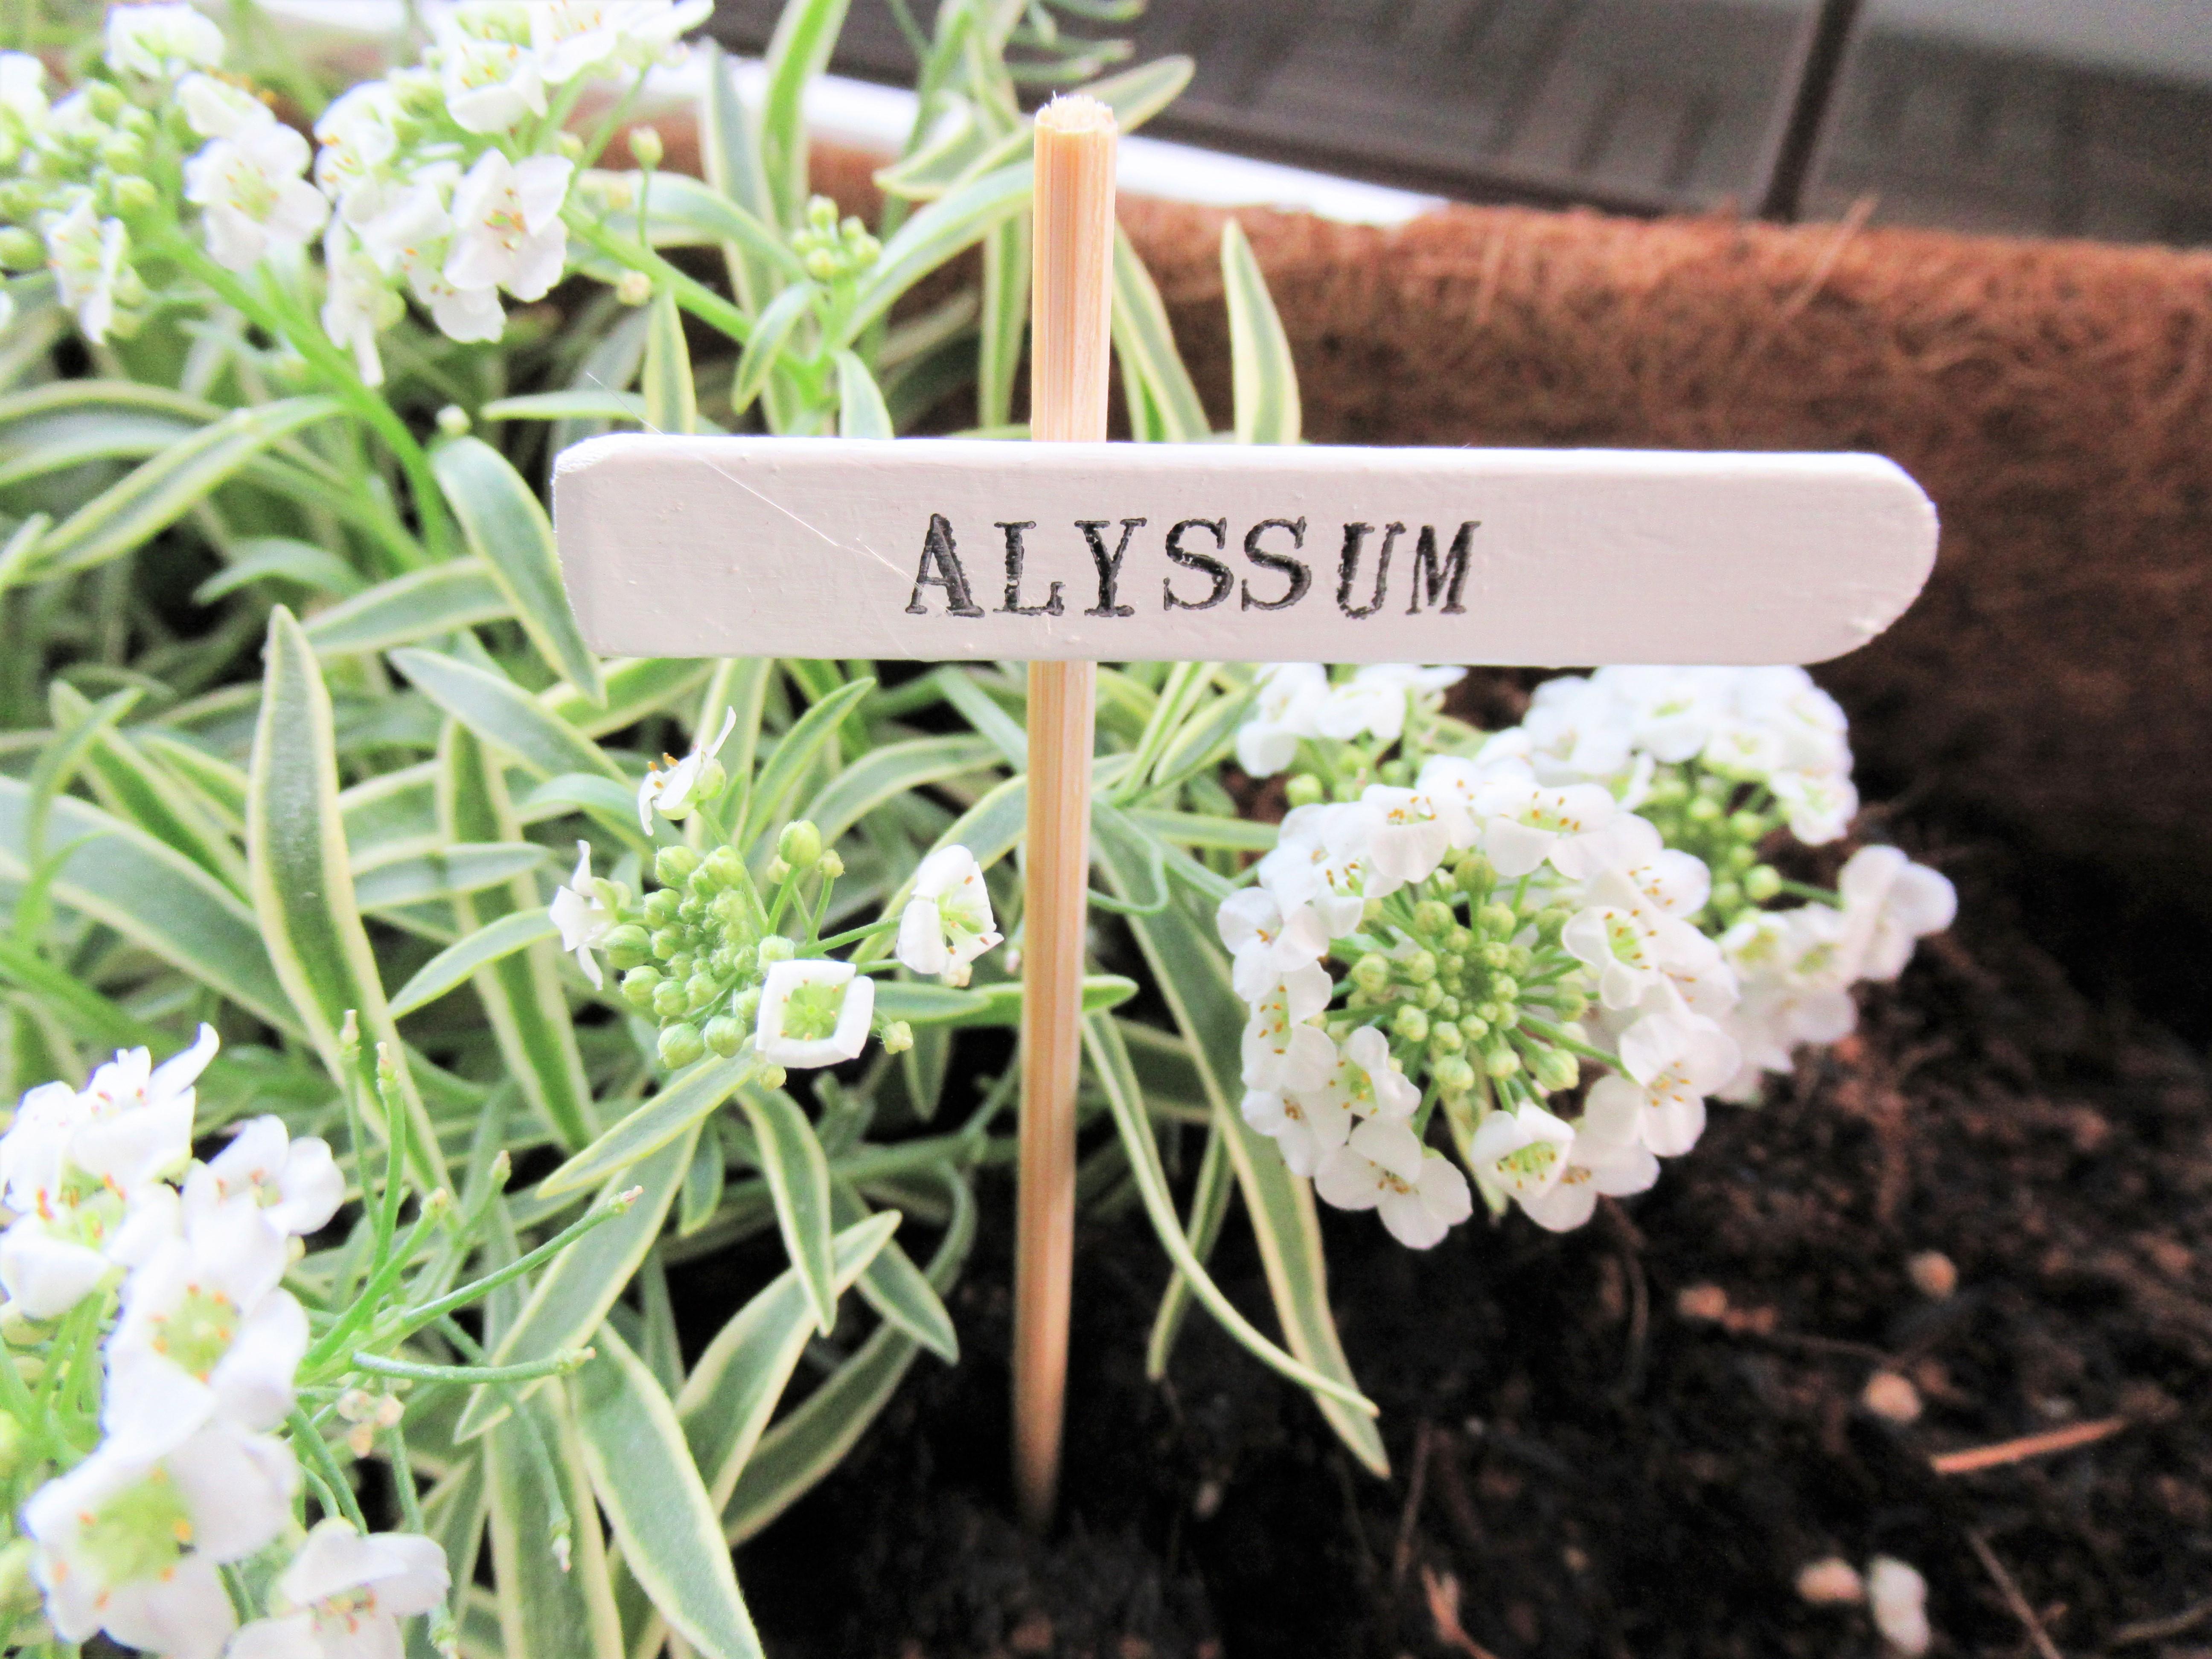 【ガーデニング】鉢植えのネームラベルを家にあるもので作る方法!アイデアでおしゃれ感アップ